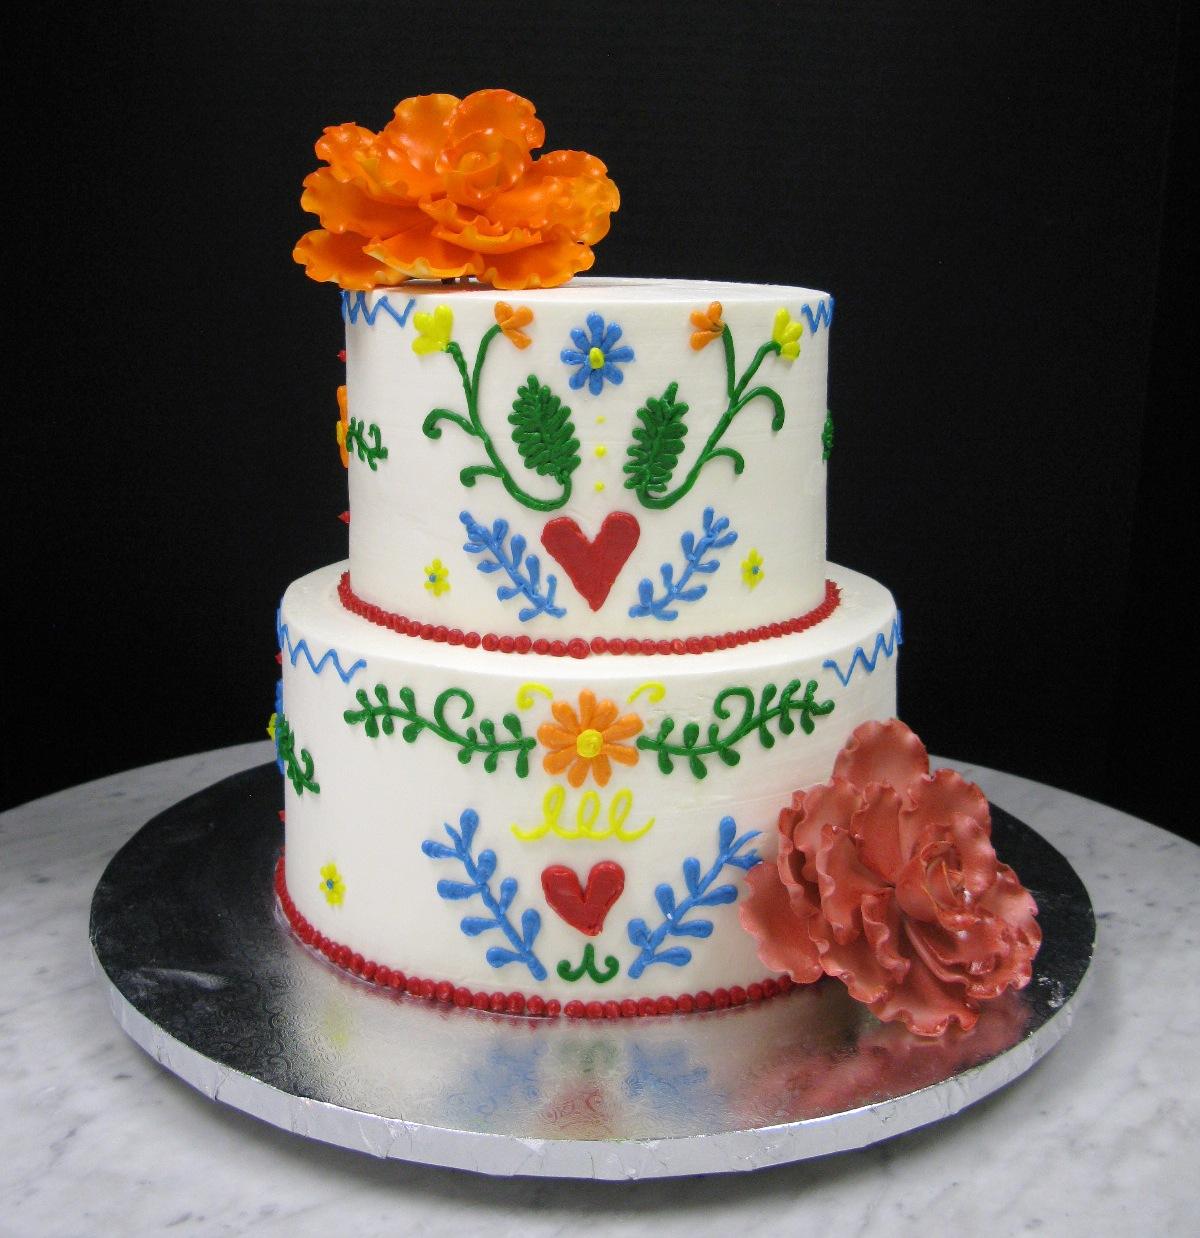 Distinctive Mexican Wedding Cake Mexican Wedding Cake Mor Mousse Mexican Wedding Cake Designs Mexican Wedding Cakes Images wedding cake Mexican Wedding Cake